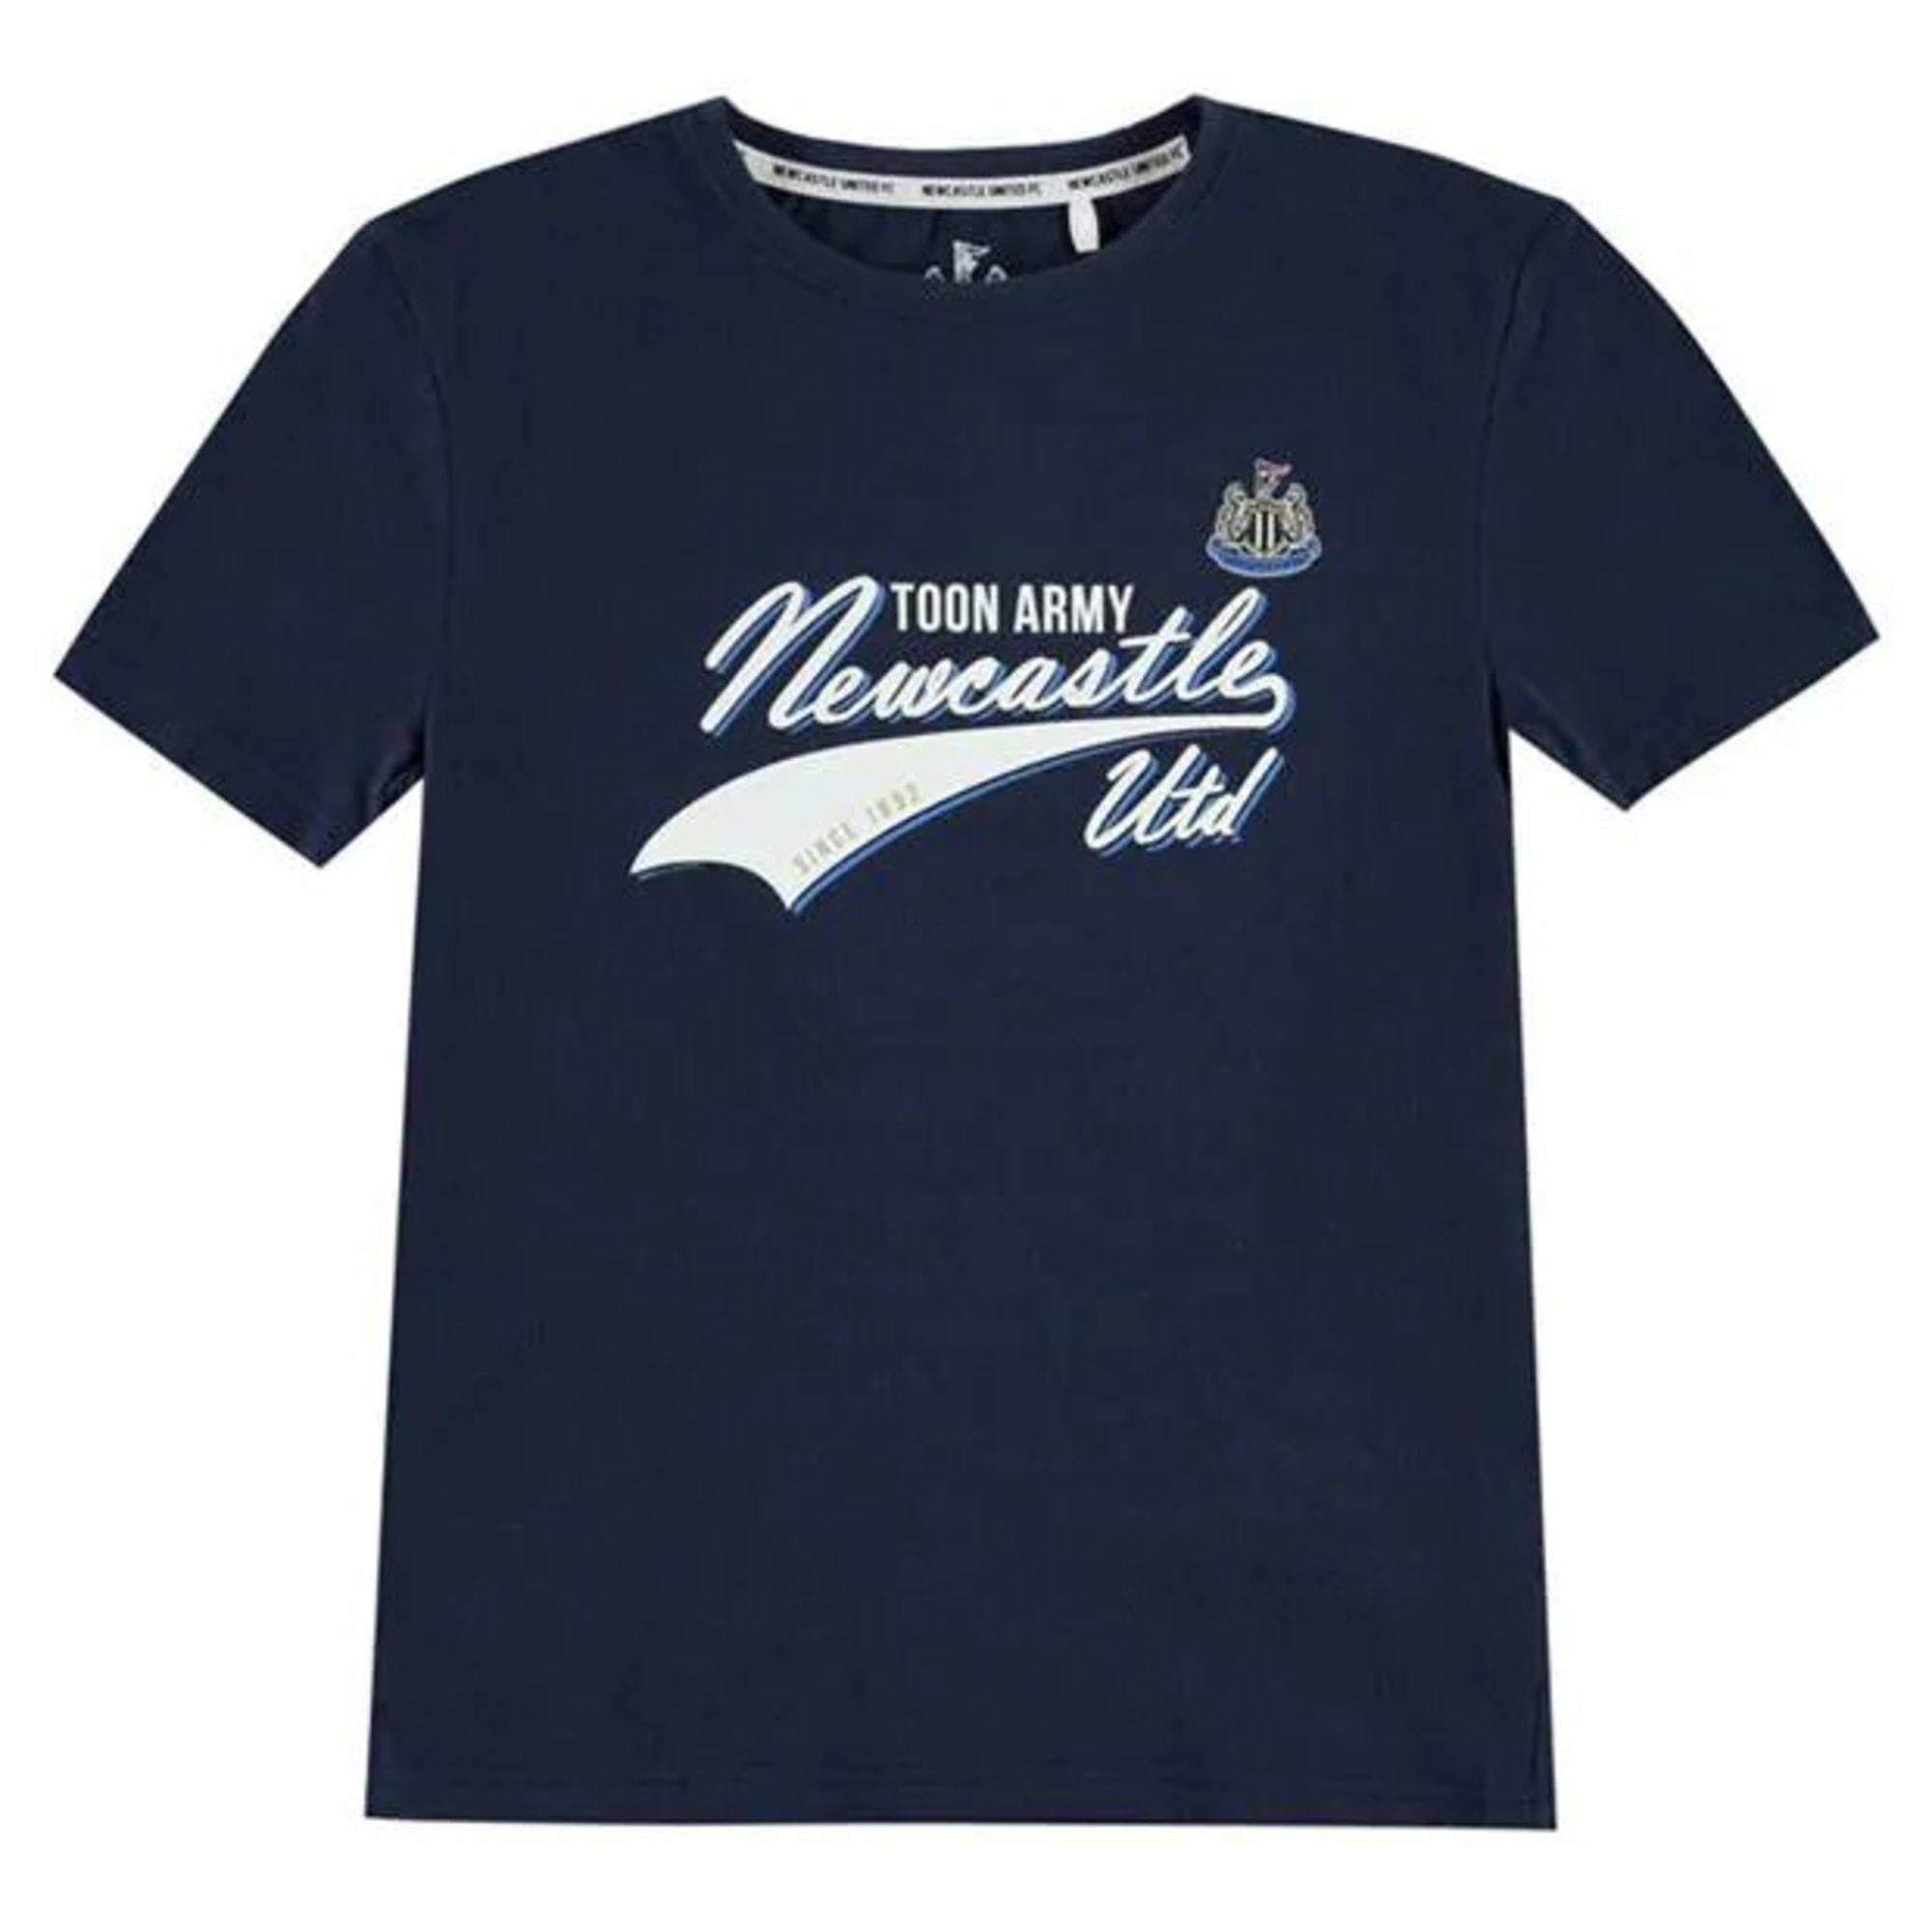 Tee-shirt NEW CASTLE UTD Bleu, bleu marine, bleu turquoise